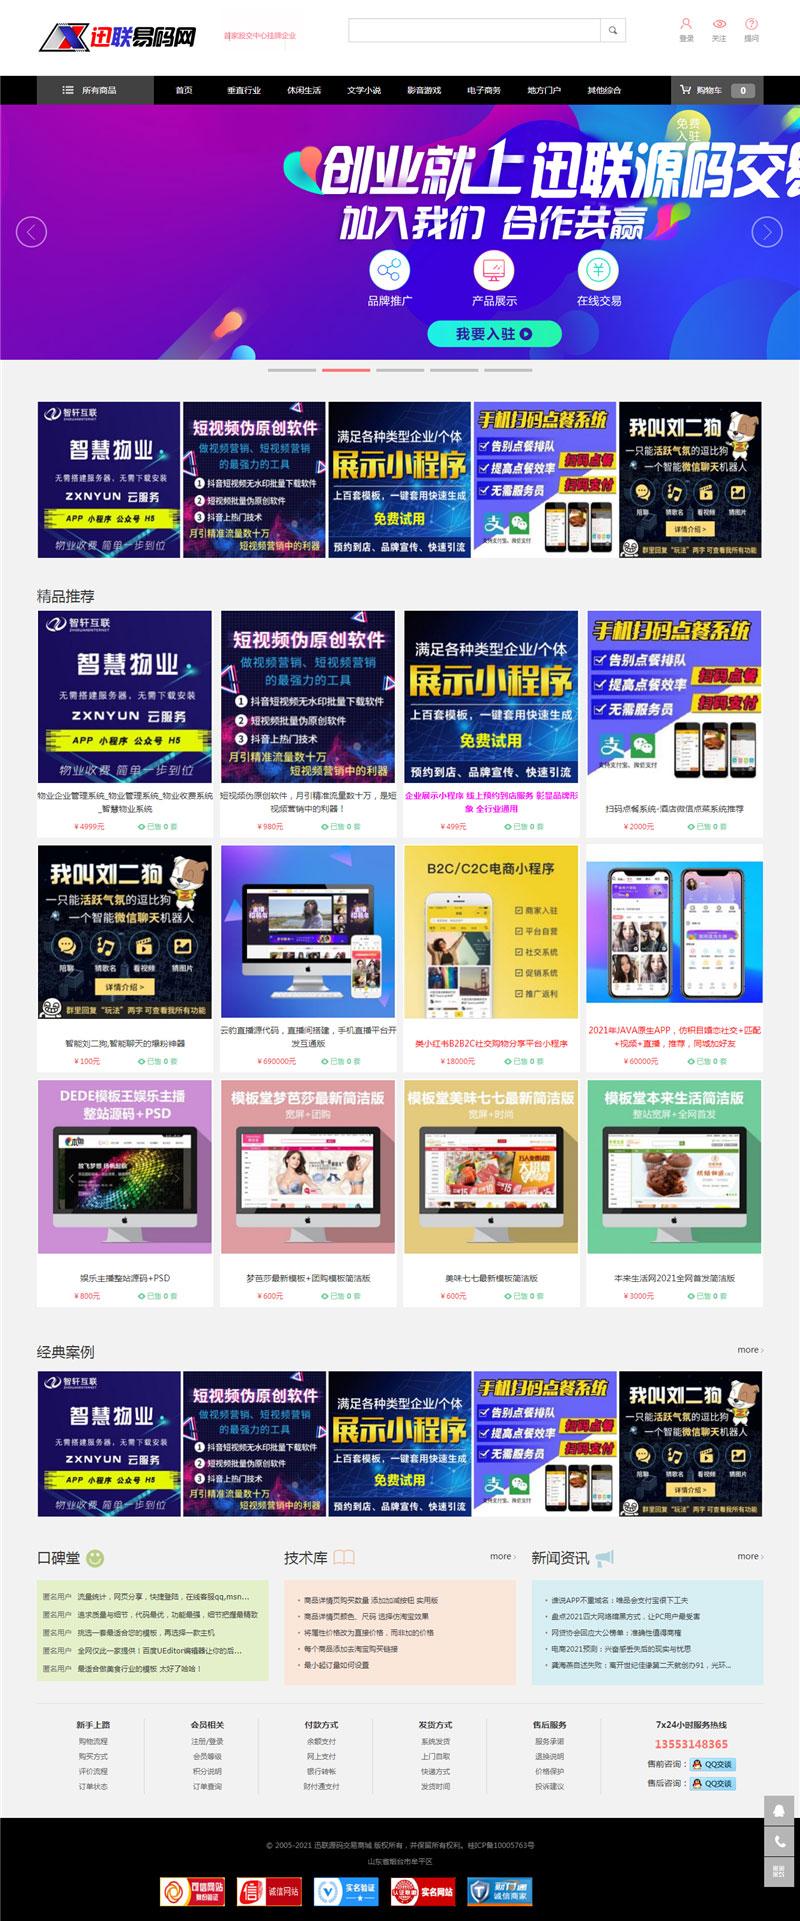 PHP虚拟素材源码资源在线交易平台网站系统源码-爱资源分享